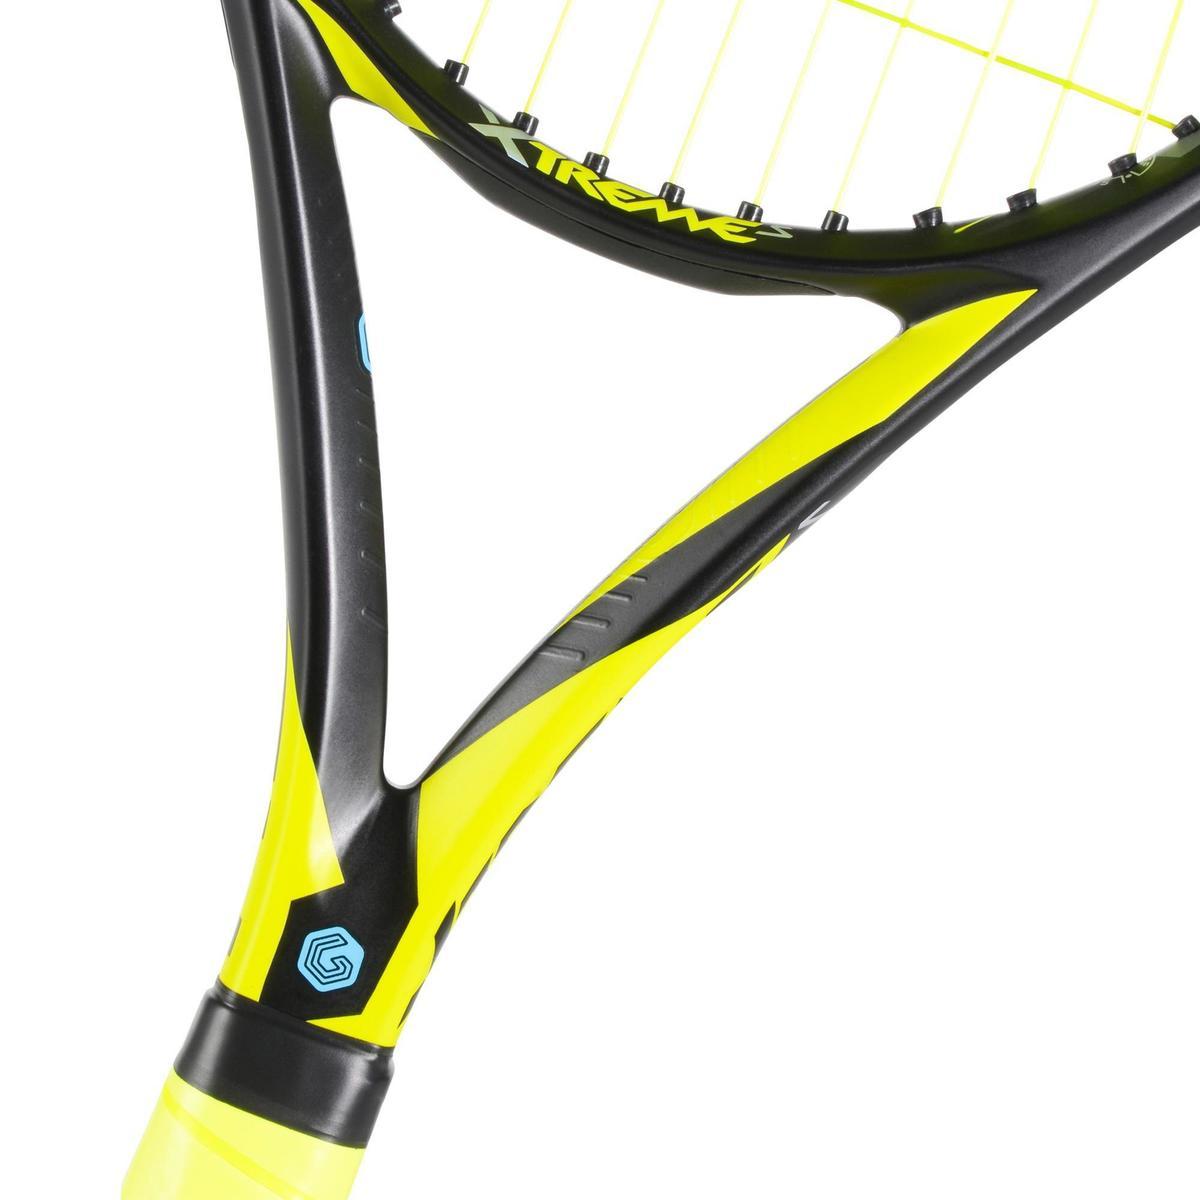 Bild 5 von Tennisschläger Extrem S besaitet schwarz/gelb